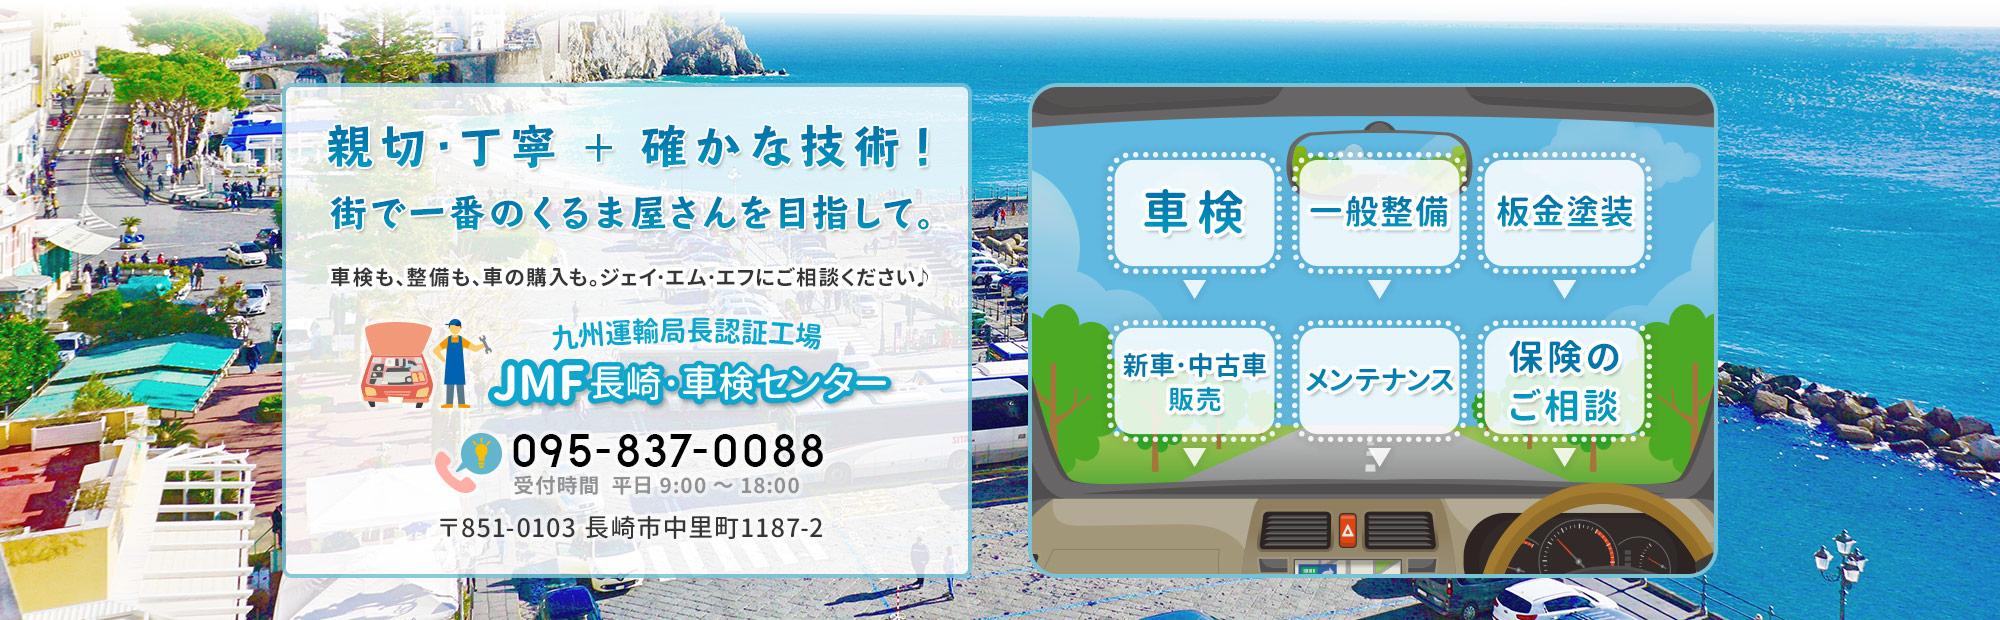 JMF長崎・車検センターの車検